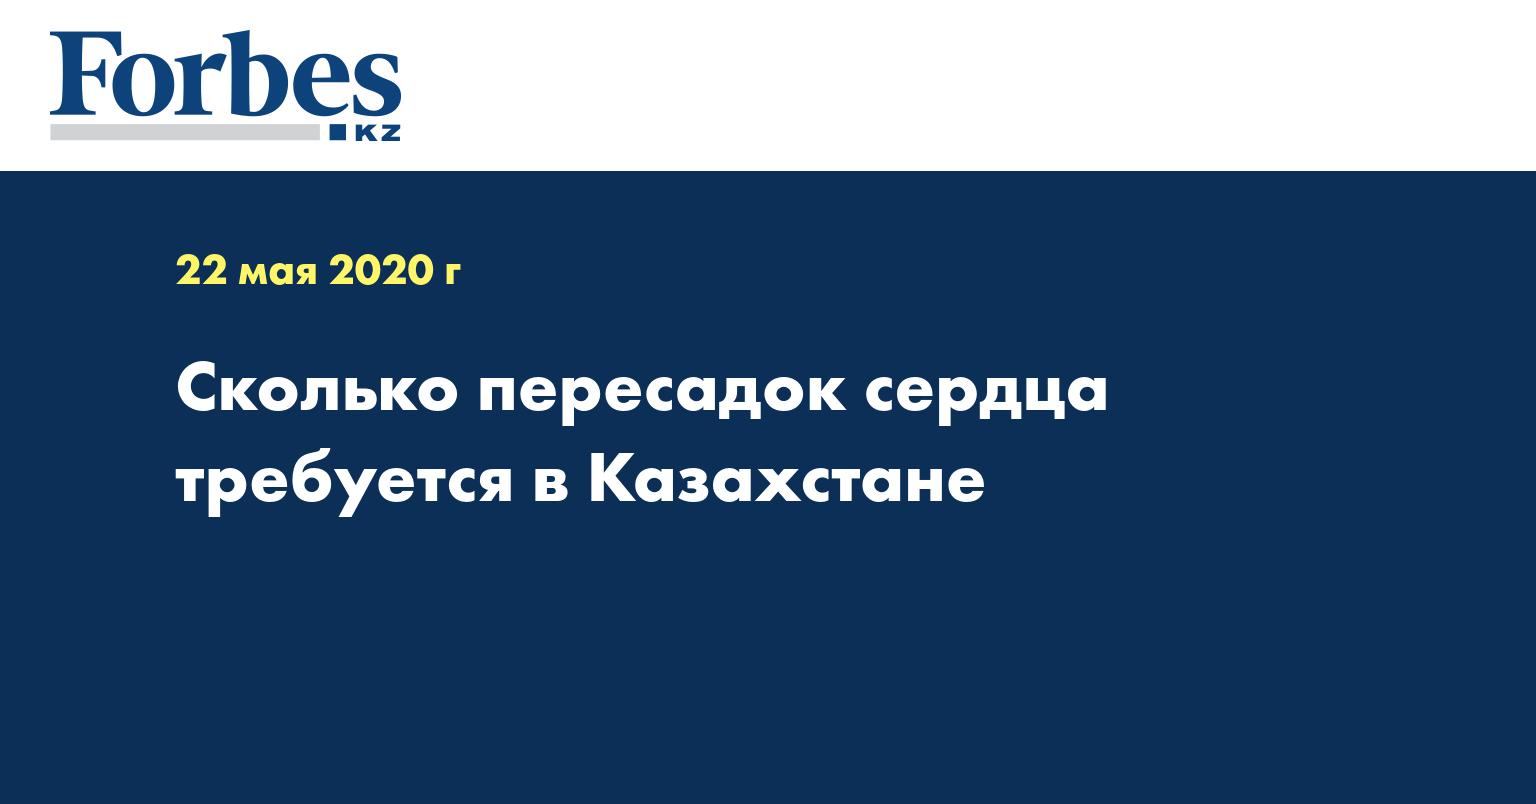 Сколько пересадок сердца требуется в Казахстане